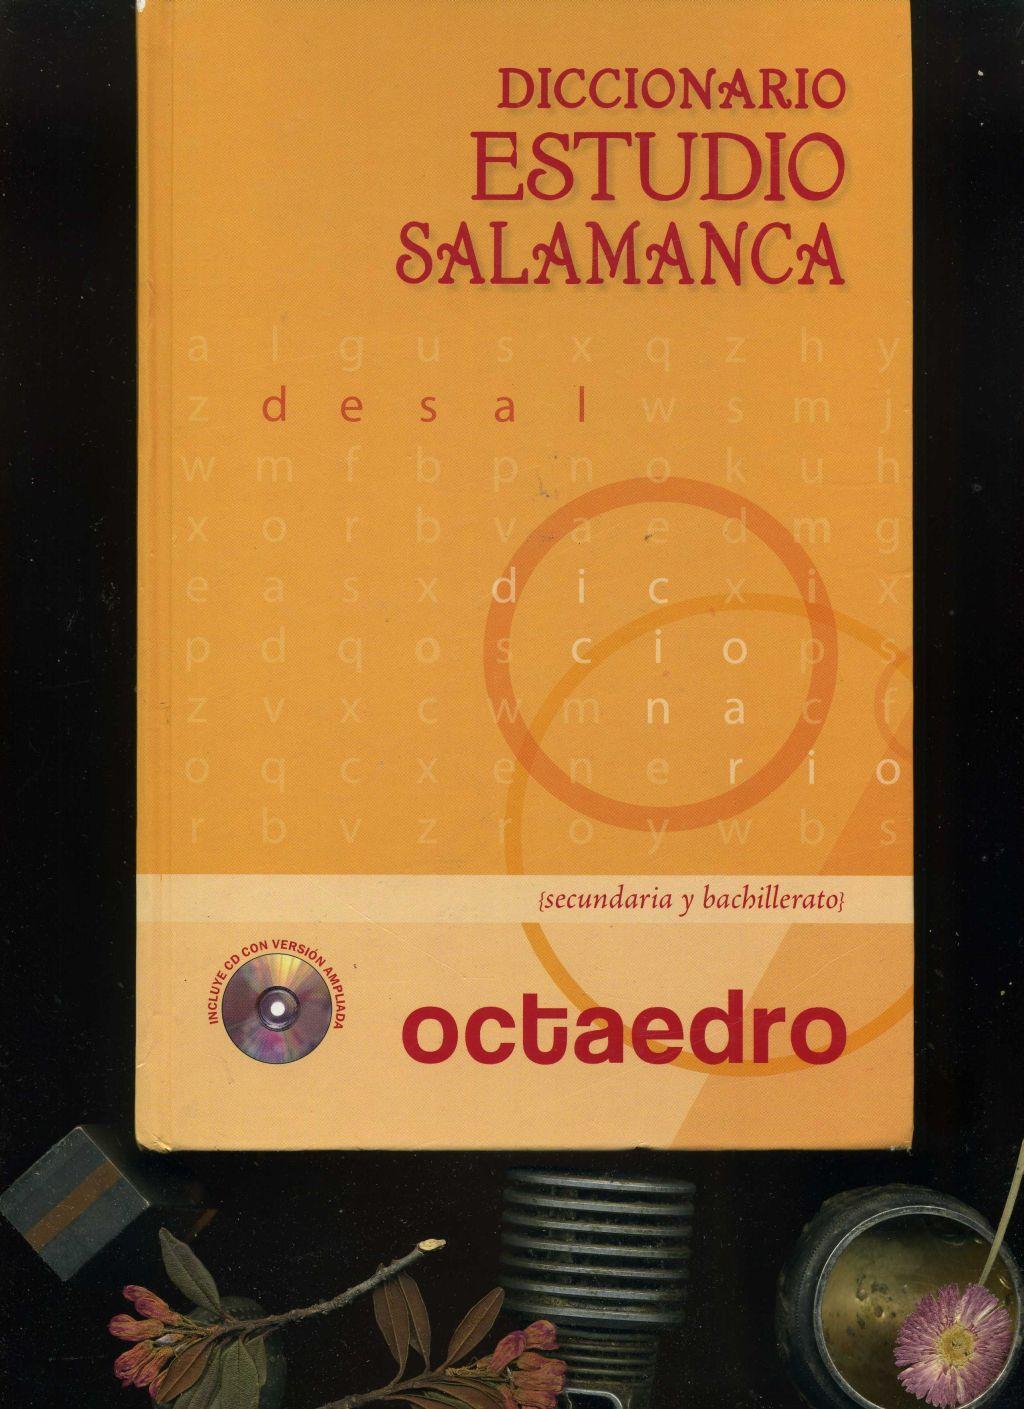 Diccionario estudio Salamanca : desal (Aula Octaedro). Mit einer CD. - José Luis Herrero Ingelmo / Trinidad Sánchez Muñoz